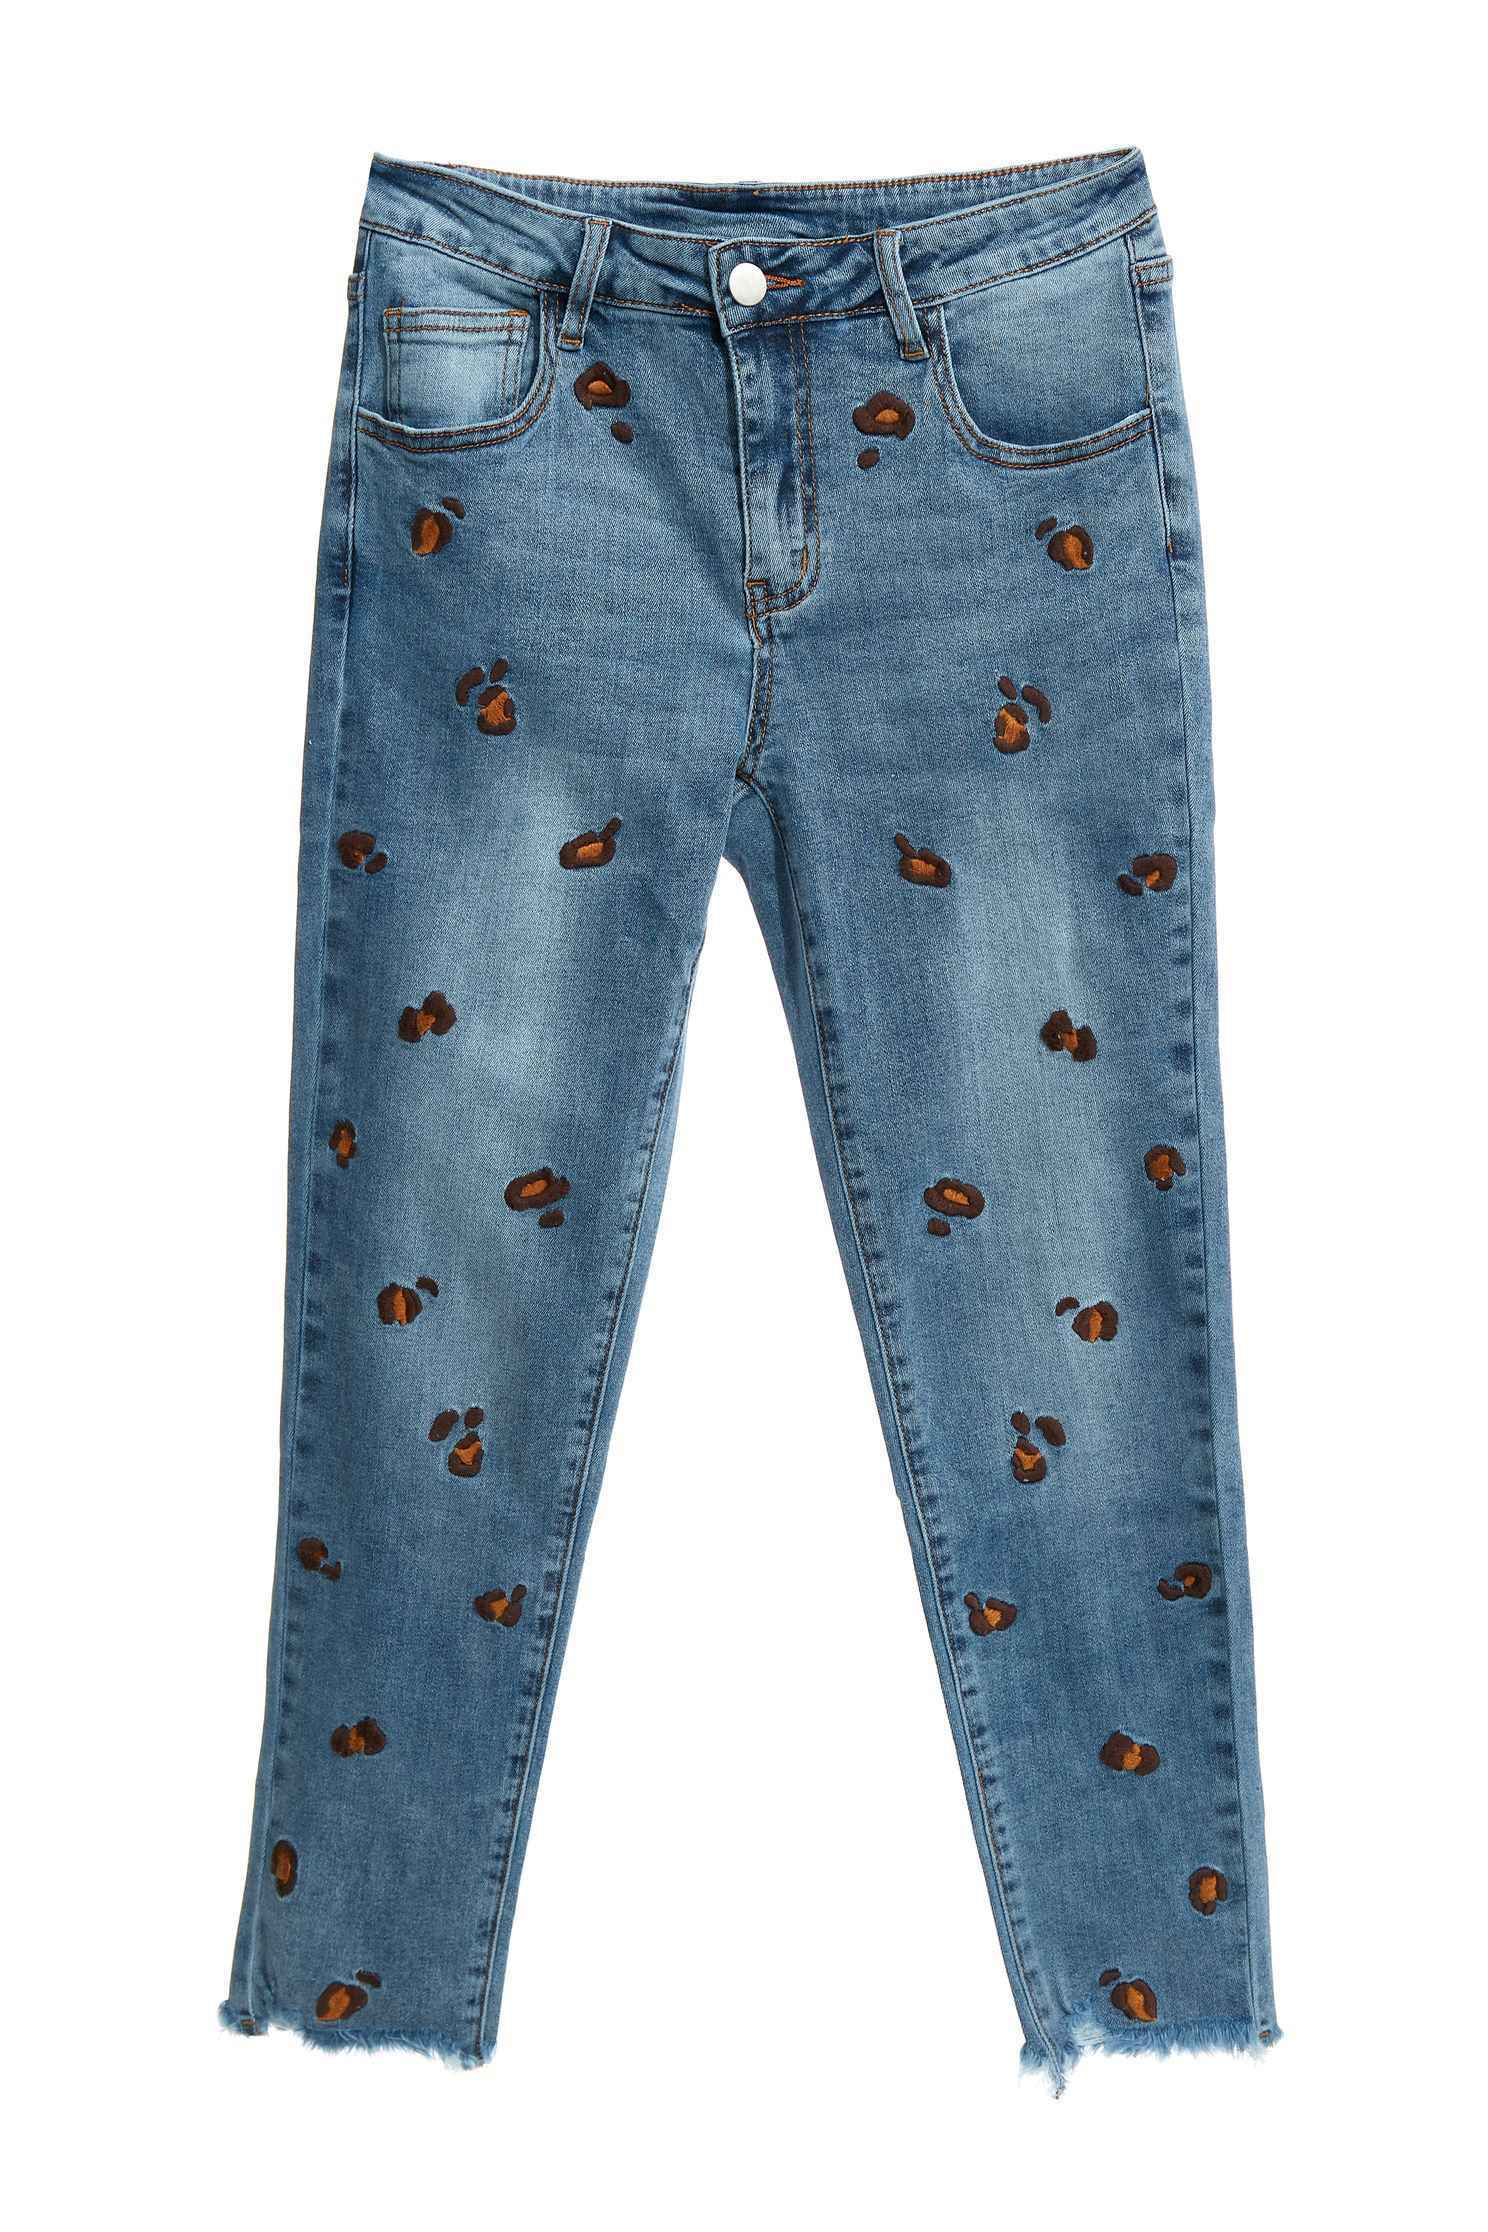 豹紋繡花窄管牛仔褲,丹寧,春夏穿搭,牛仔,牛仔褲,牛仔長褲,秋冬穿搭,純棉,繡花,長褲